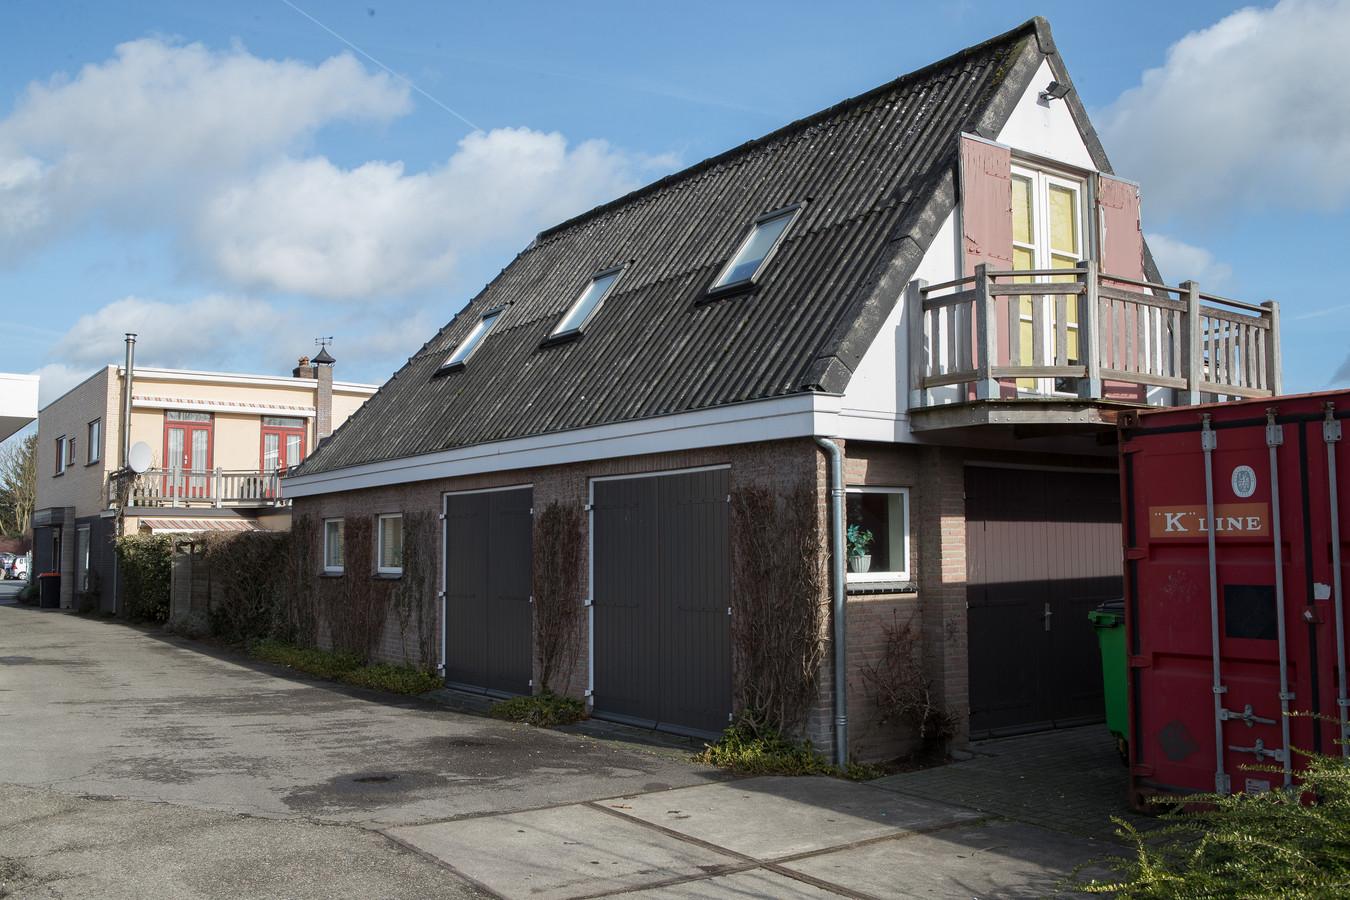 In deze omgebouwde schuur en naastgelegen pand in Olst leven minstens elf Oost-Europeanen.